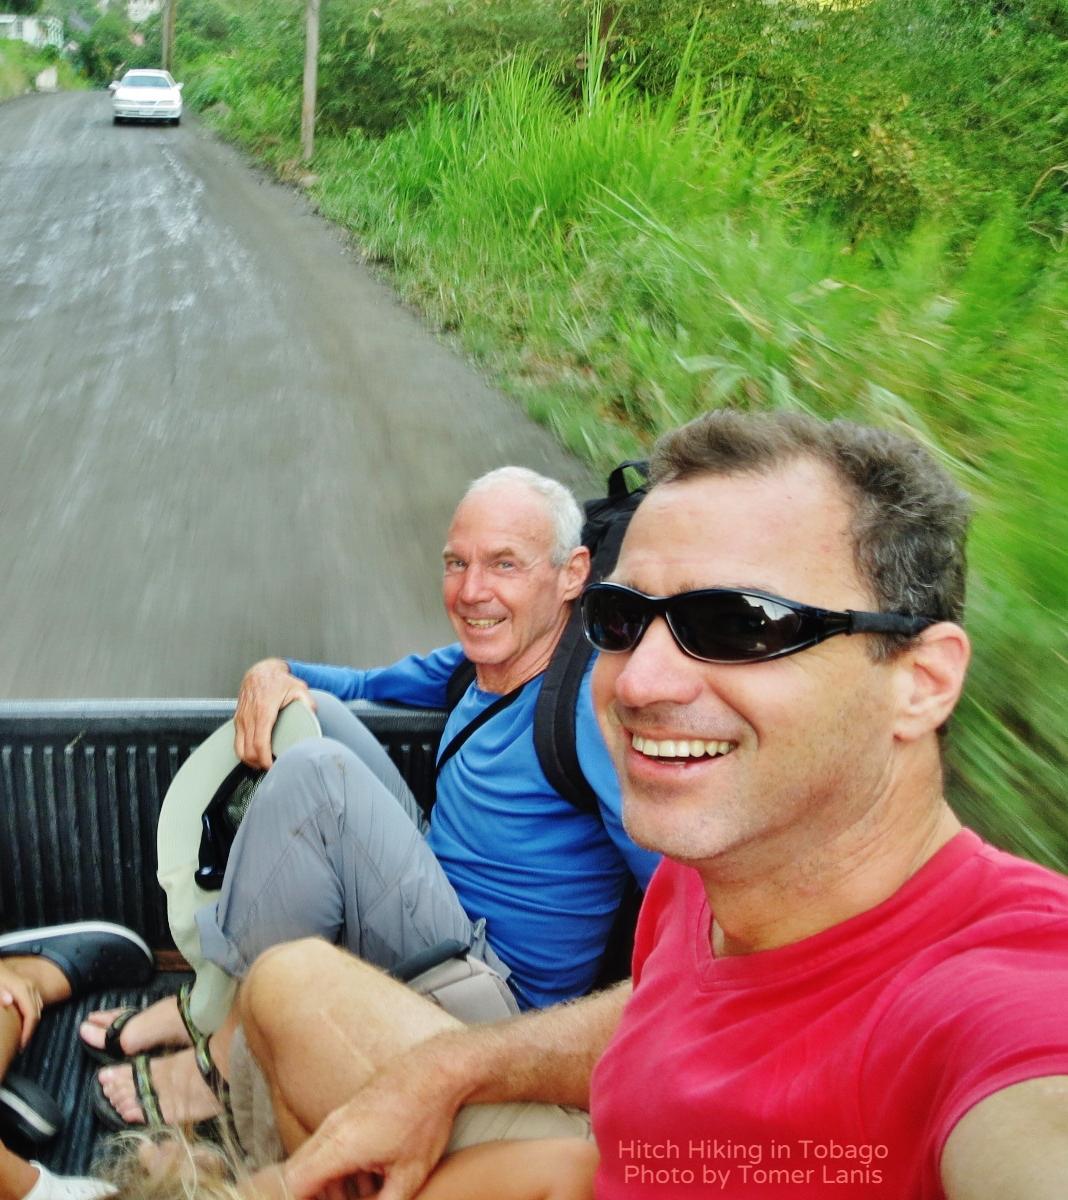 Hitchhiking in Tobago